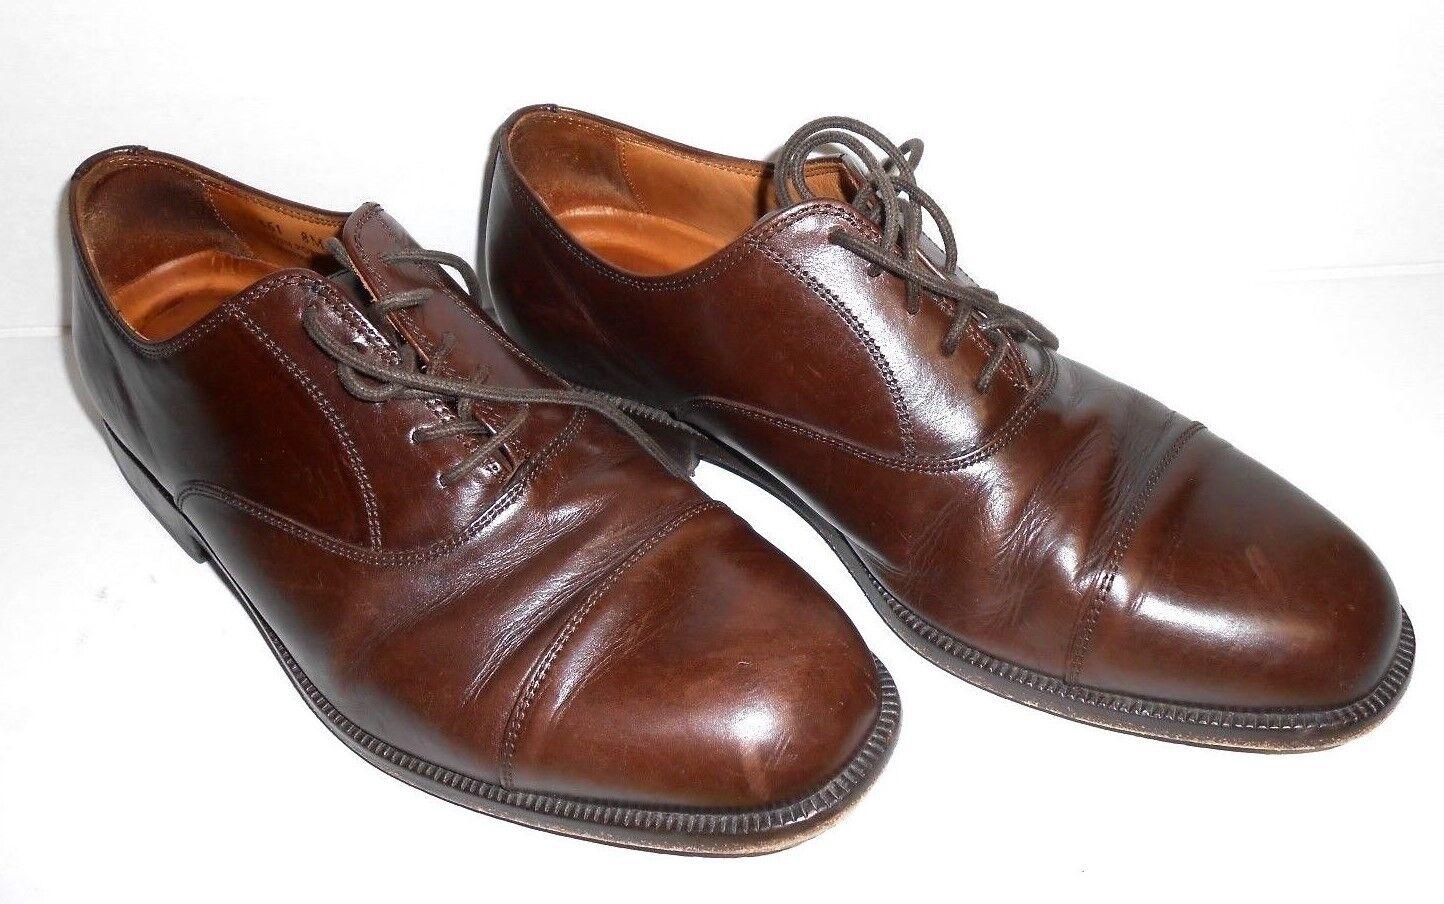 negozio online Uomo Rockport Oxford Oxford Oxford scarpe Dimensione 8M Marrone Leather Business Casual  con il 100% di qualità e il 100% di servizio